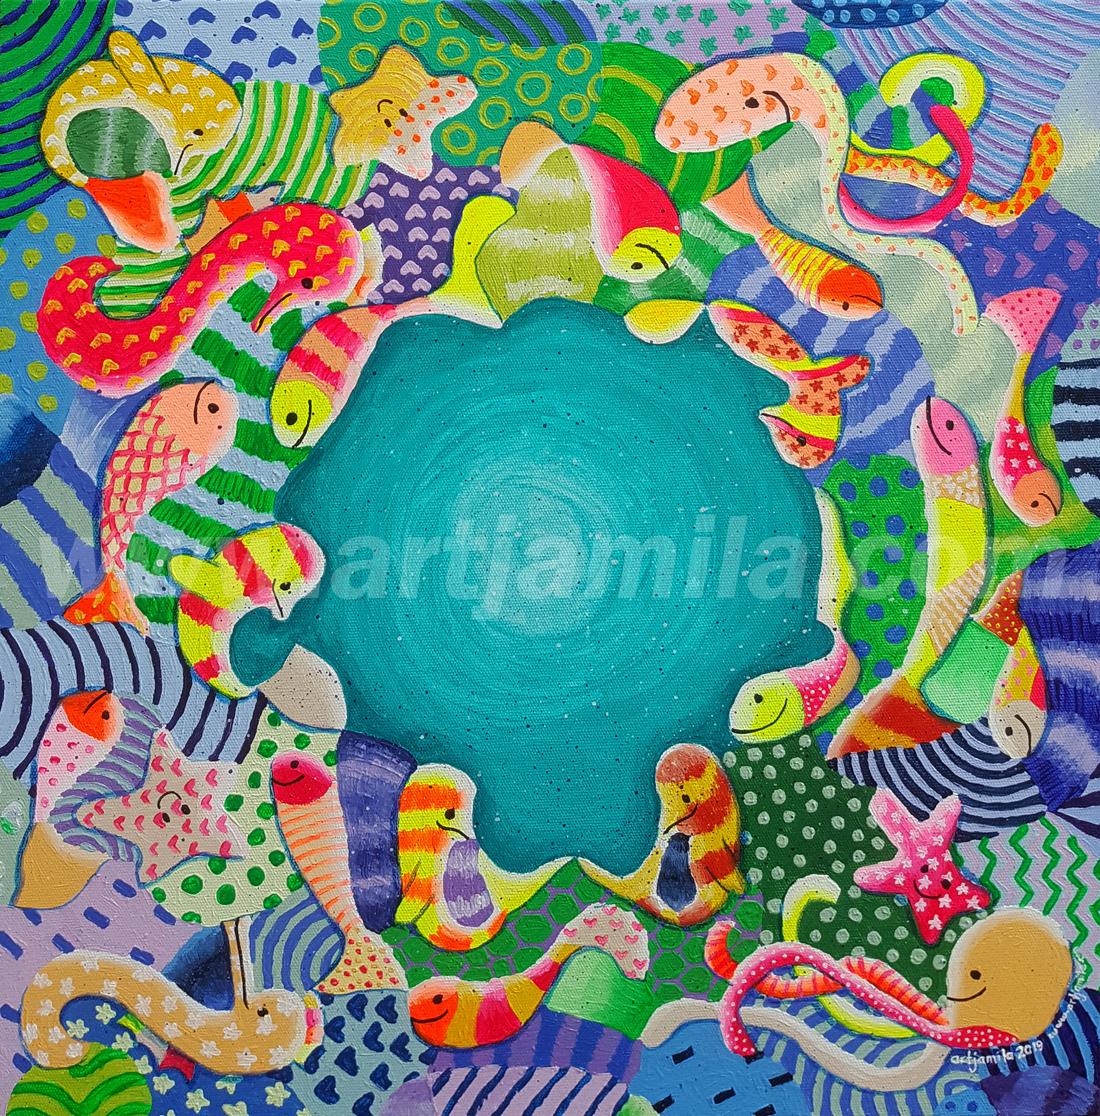 Fishmosaic in circle series 4 (2x2) watermark